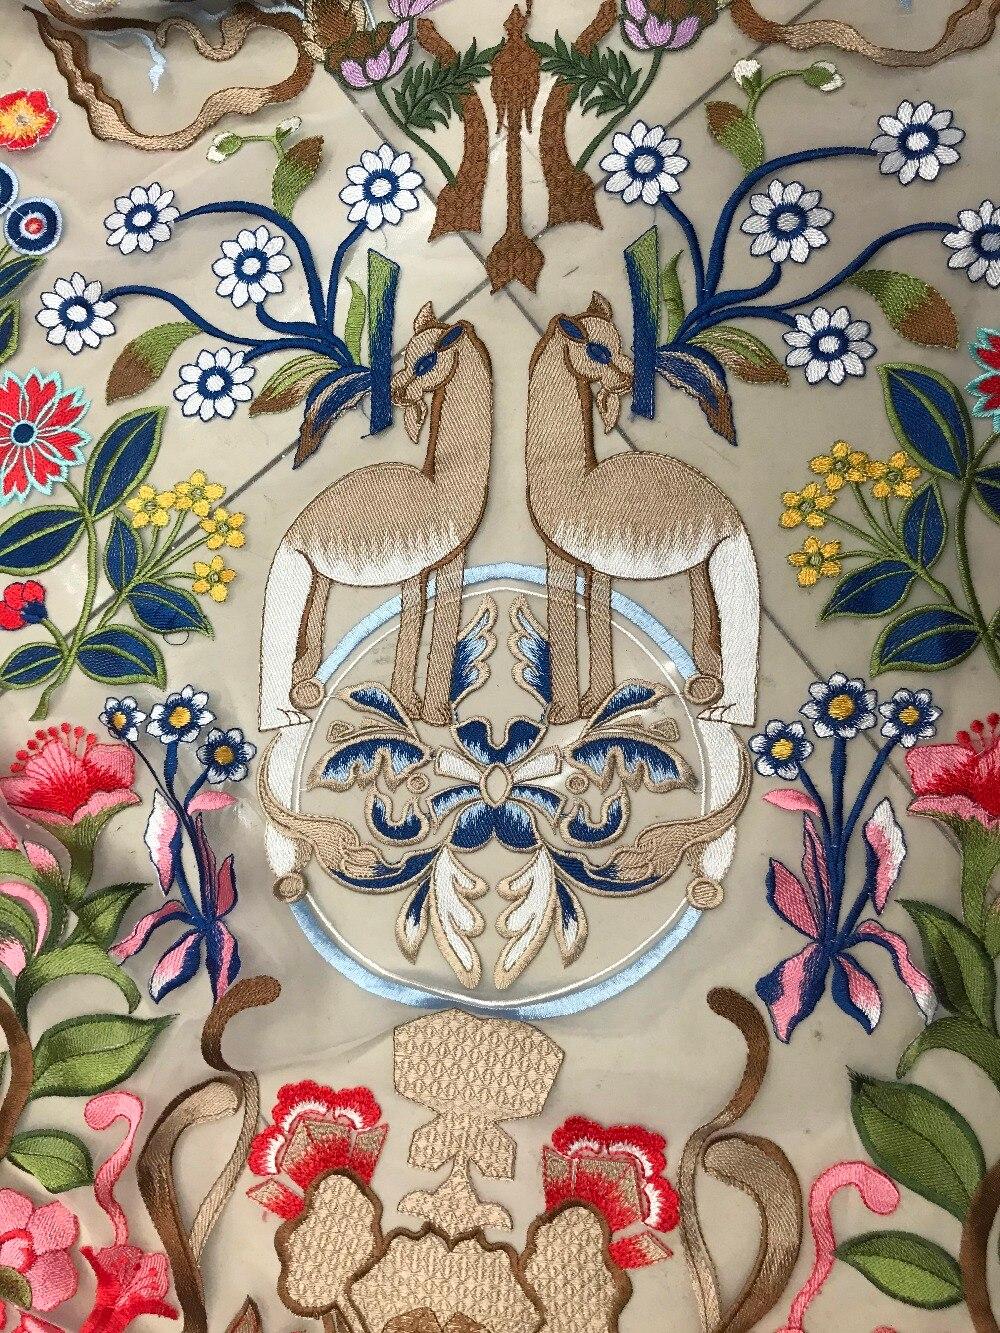 Embroidere cotone tessuto Africano del merletto di NUOVO tessuto di pizzo Francese di Alta qualità di tulle Africano tessuto del merletto per il vestito da cerimonia nuziale 5y-in Pizzo da Casa e giardino su AliExpress - 11.11_Doppio 11Giorno dei single 1